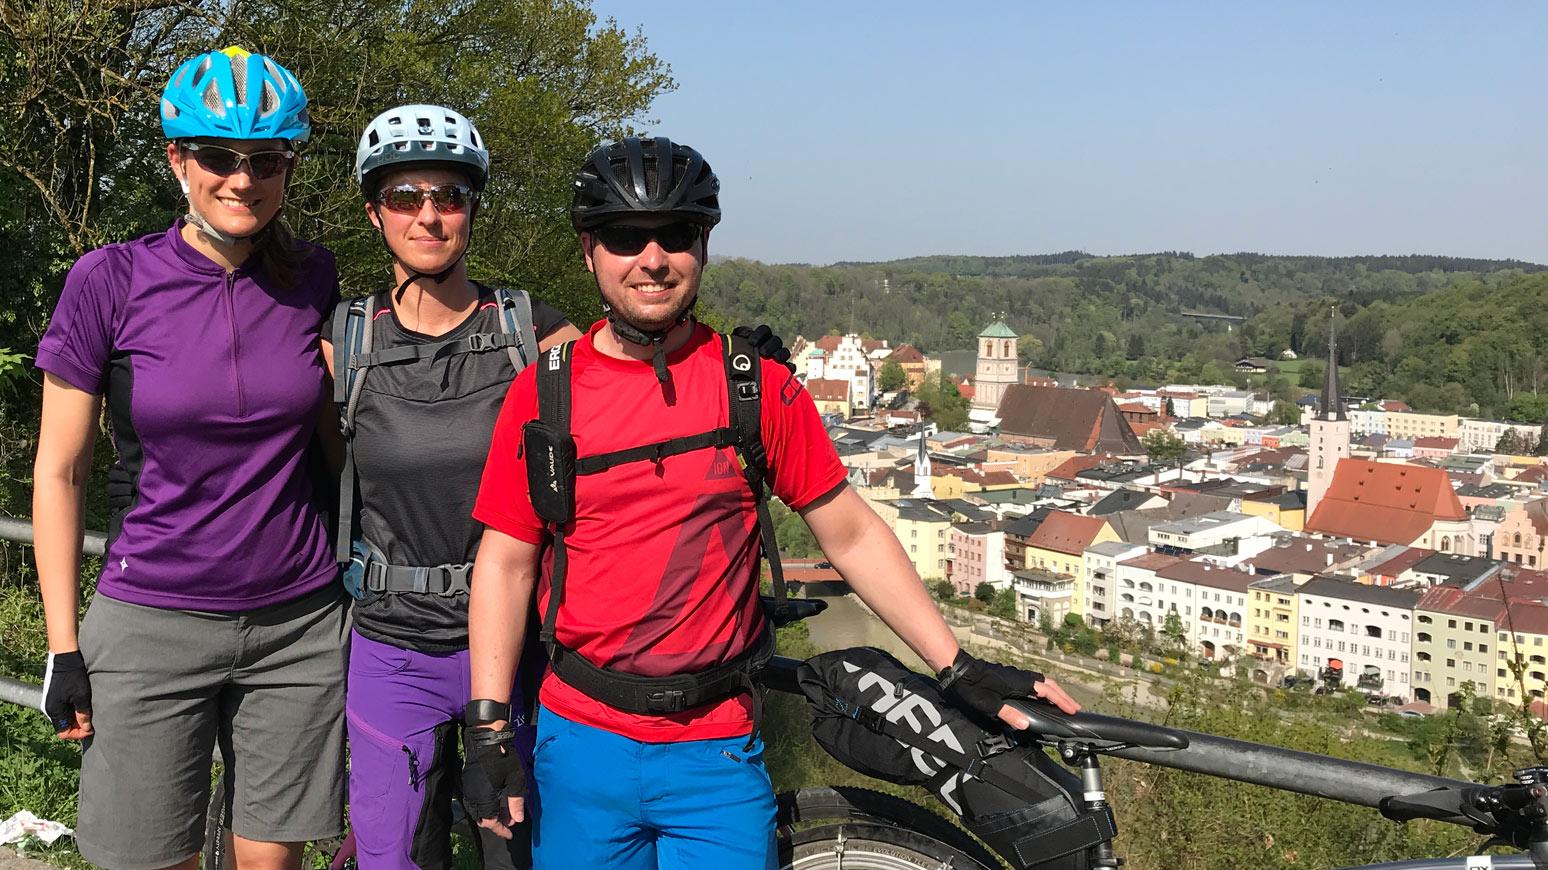 Radfahrer Wasserburg